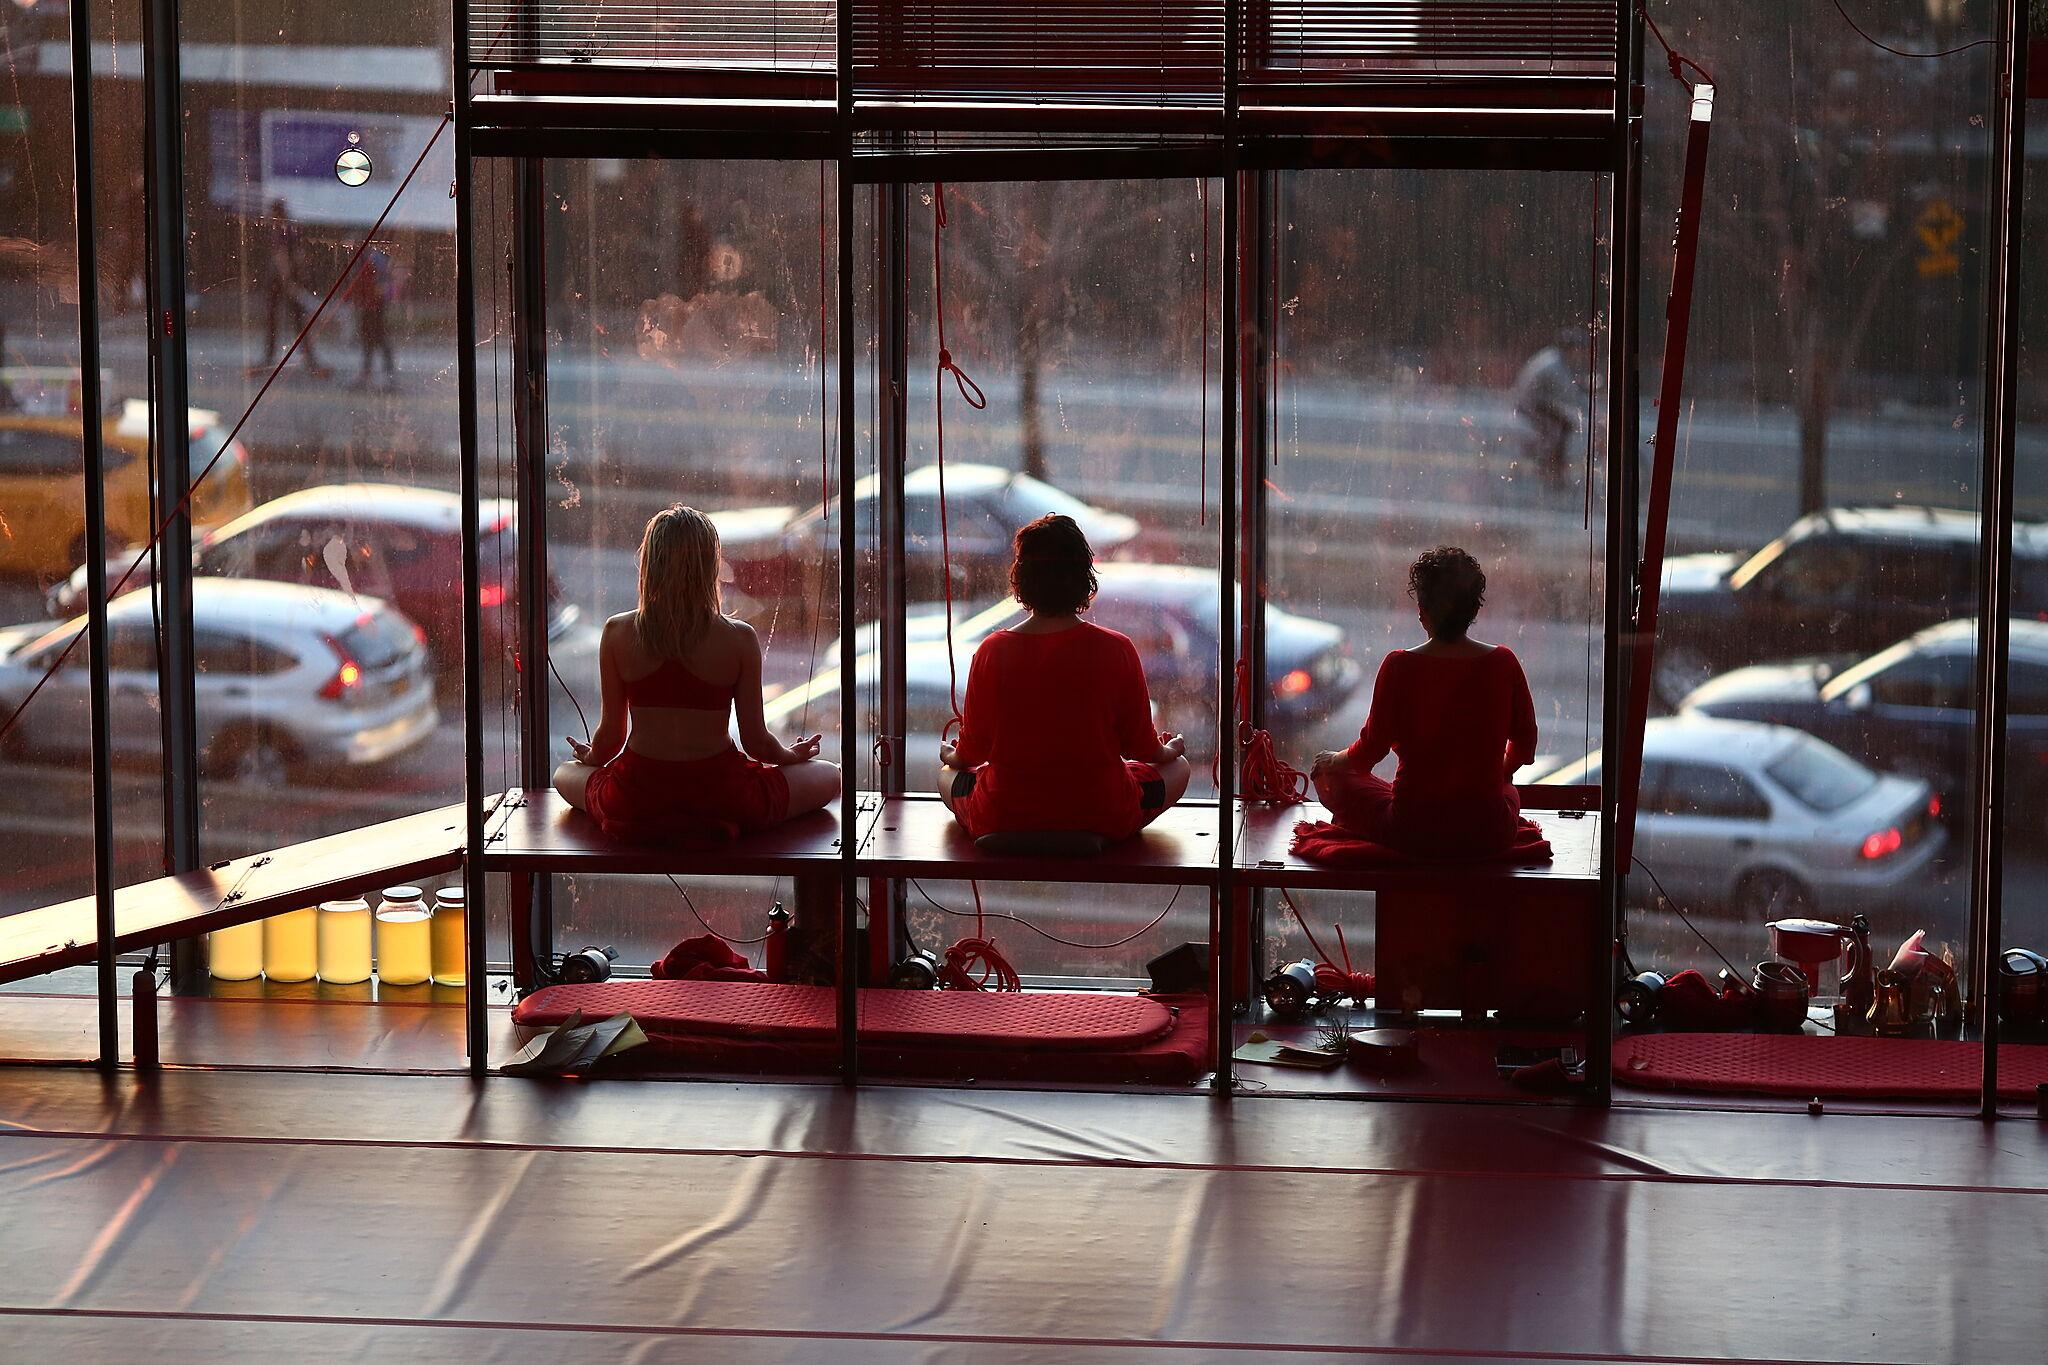 MPA, Elizabeth and Amapola meditating